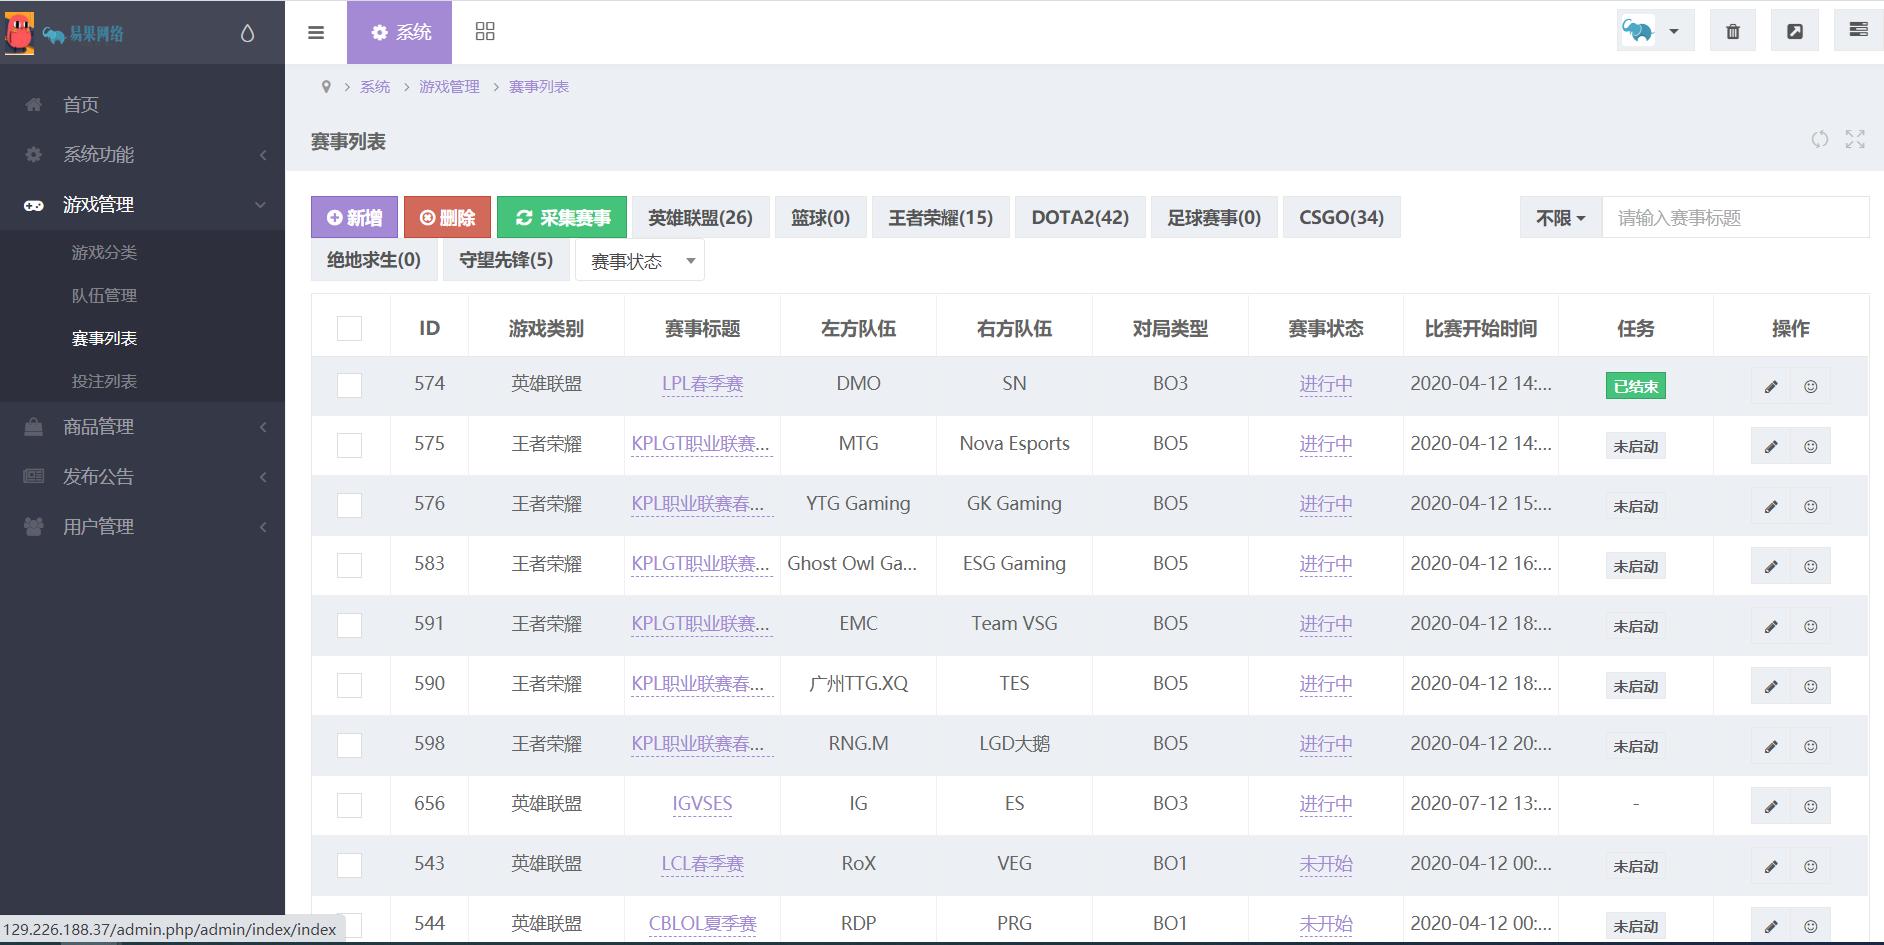 英雄联盟LOL,王者荣耀,吃鸡等游戏电竞比分赛事竞猜系统源码,源码开源无加密支持二开含教程